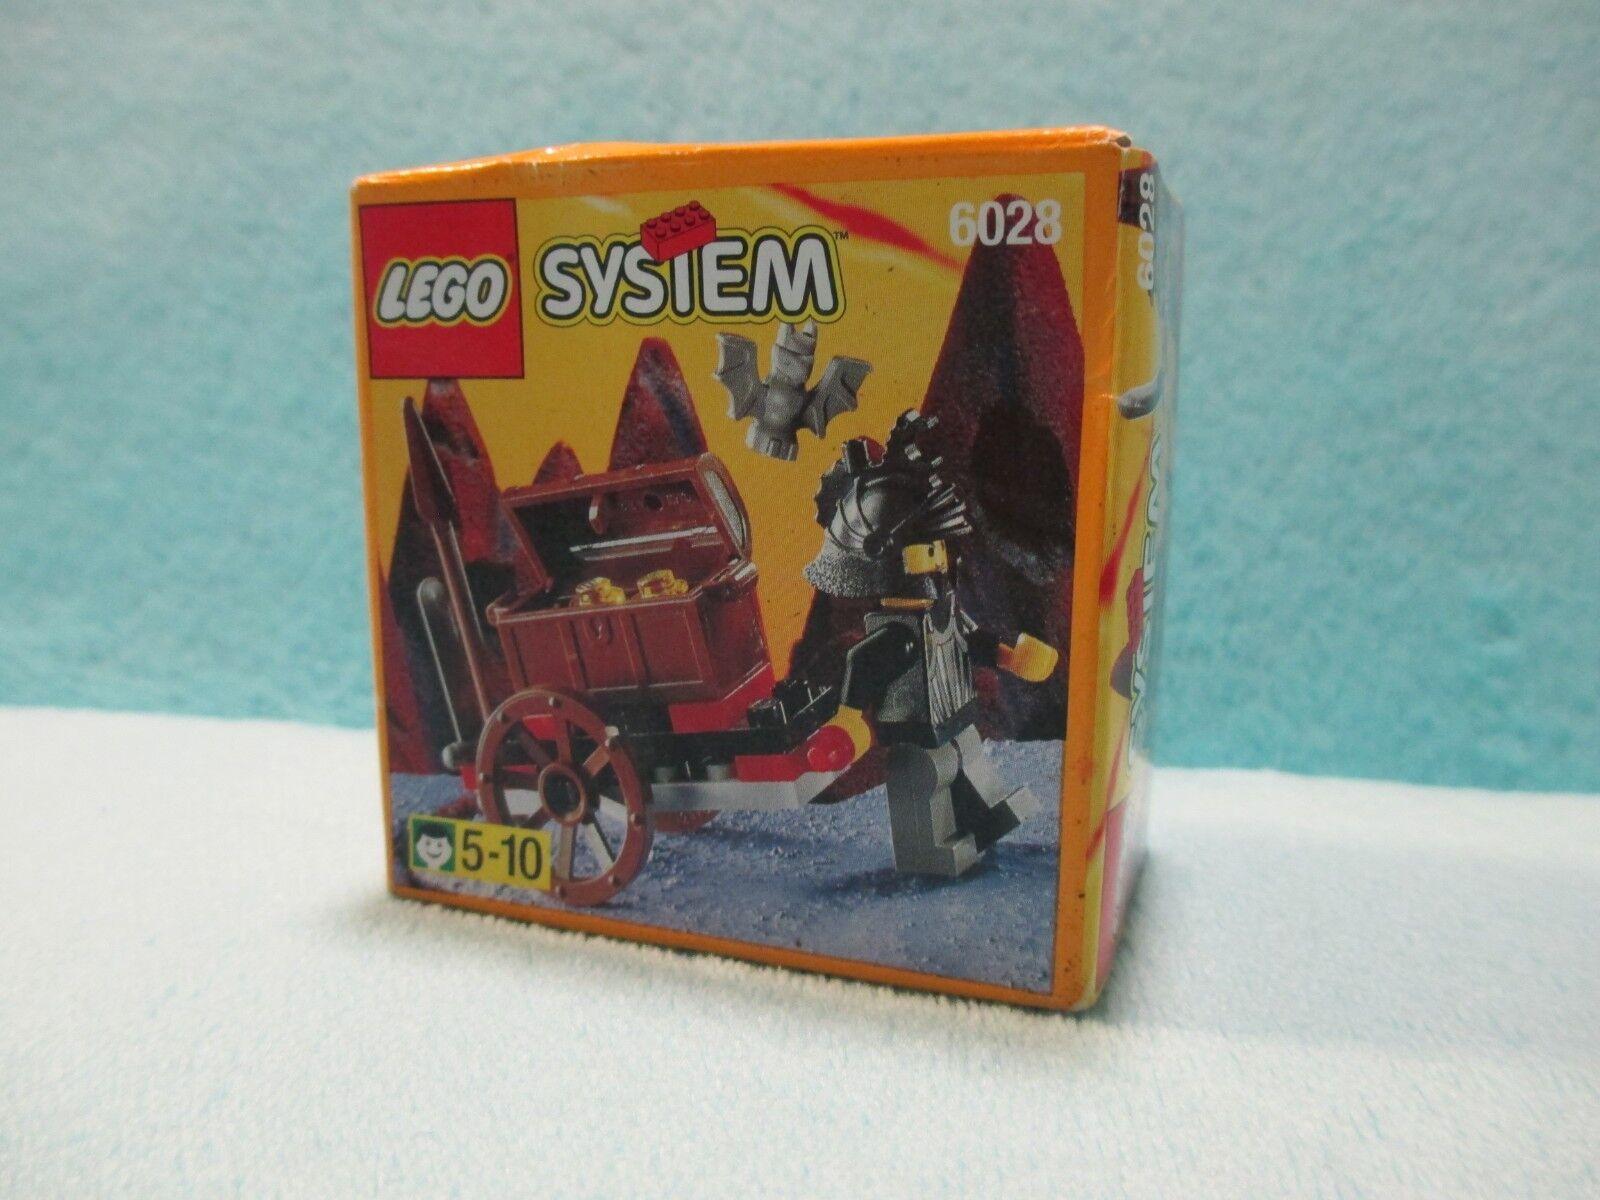 El nuevo sello de Lego, un paquete de 6028 Knights Boys.